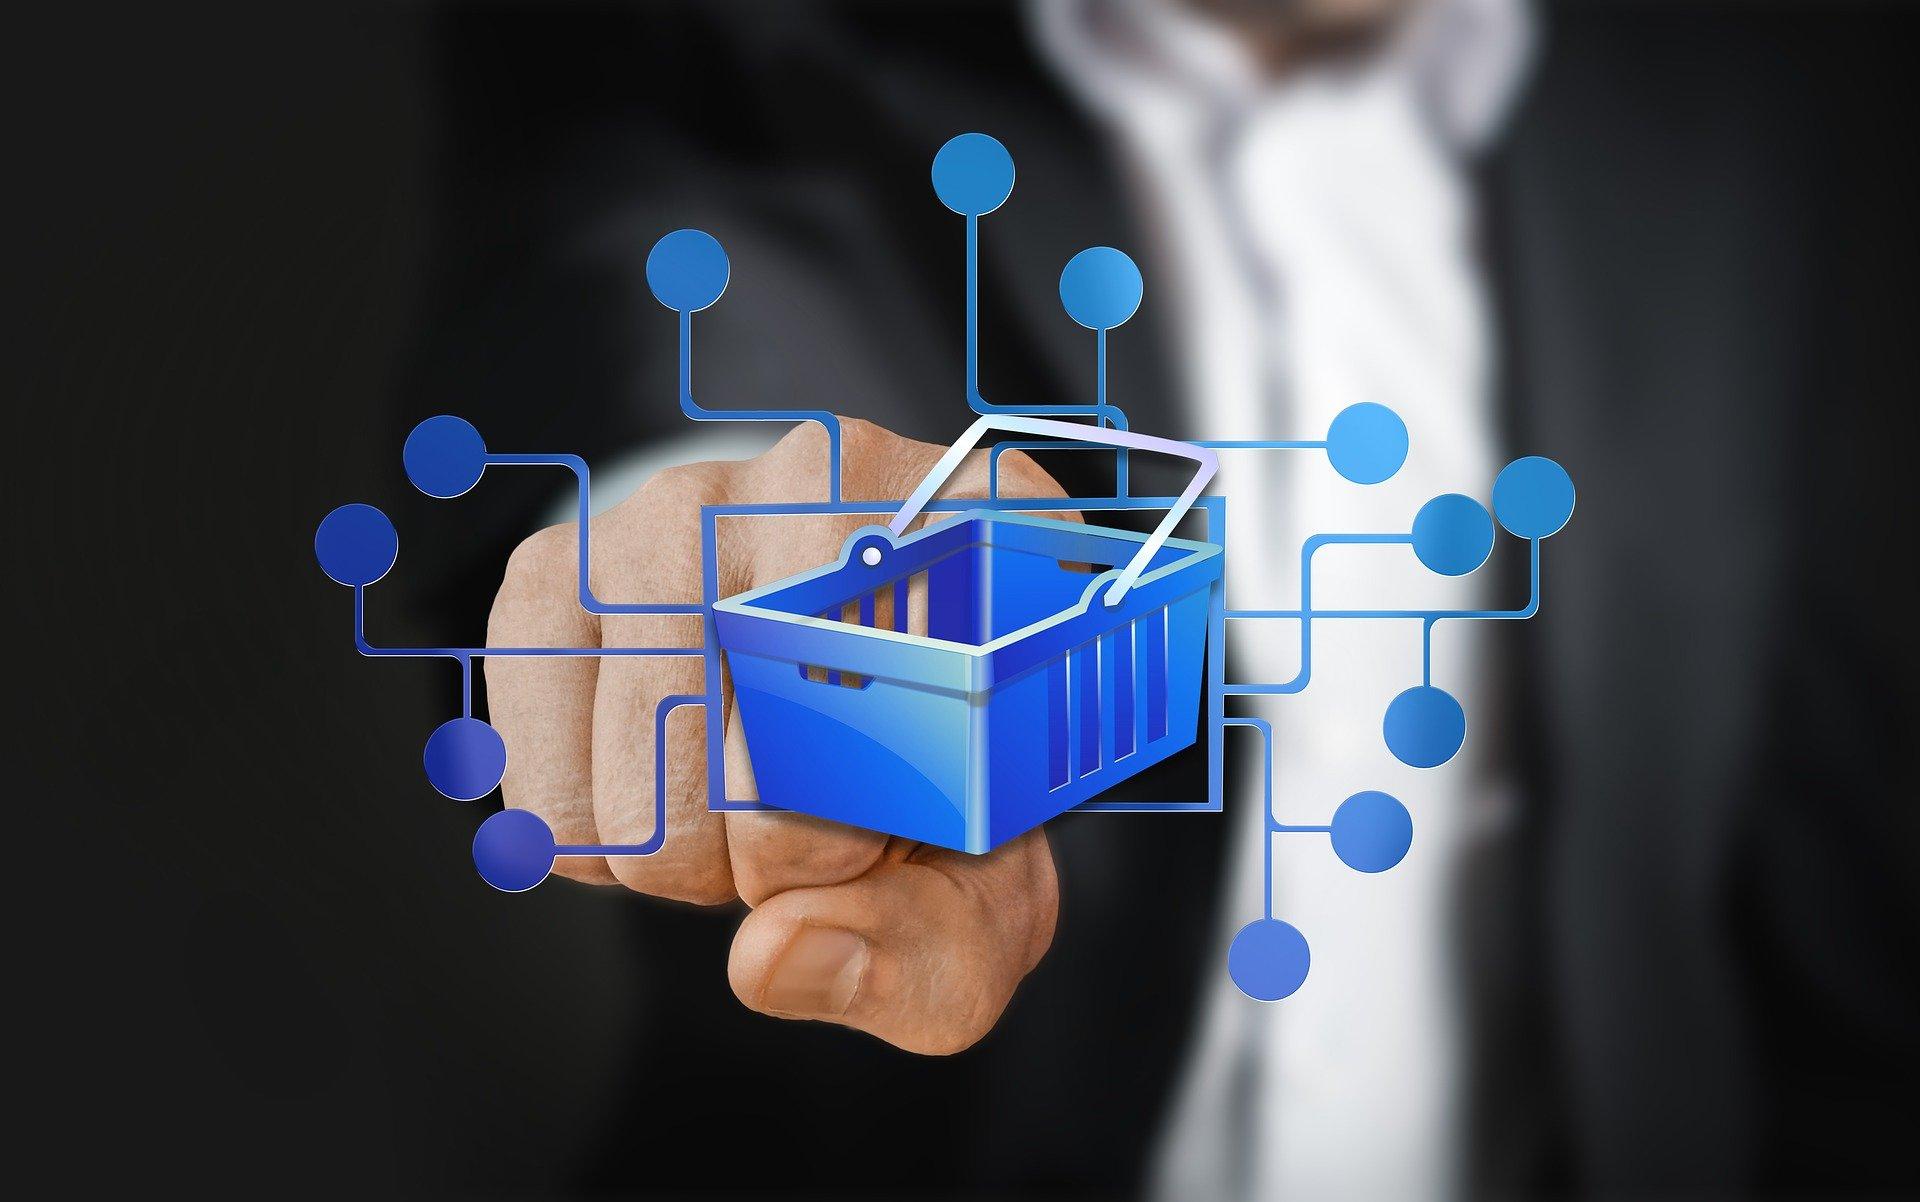 Hoe kiest u de juiste strategie voor marktplaatsen?